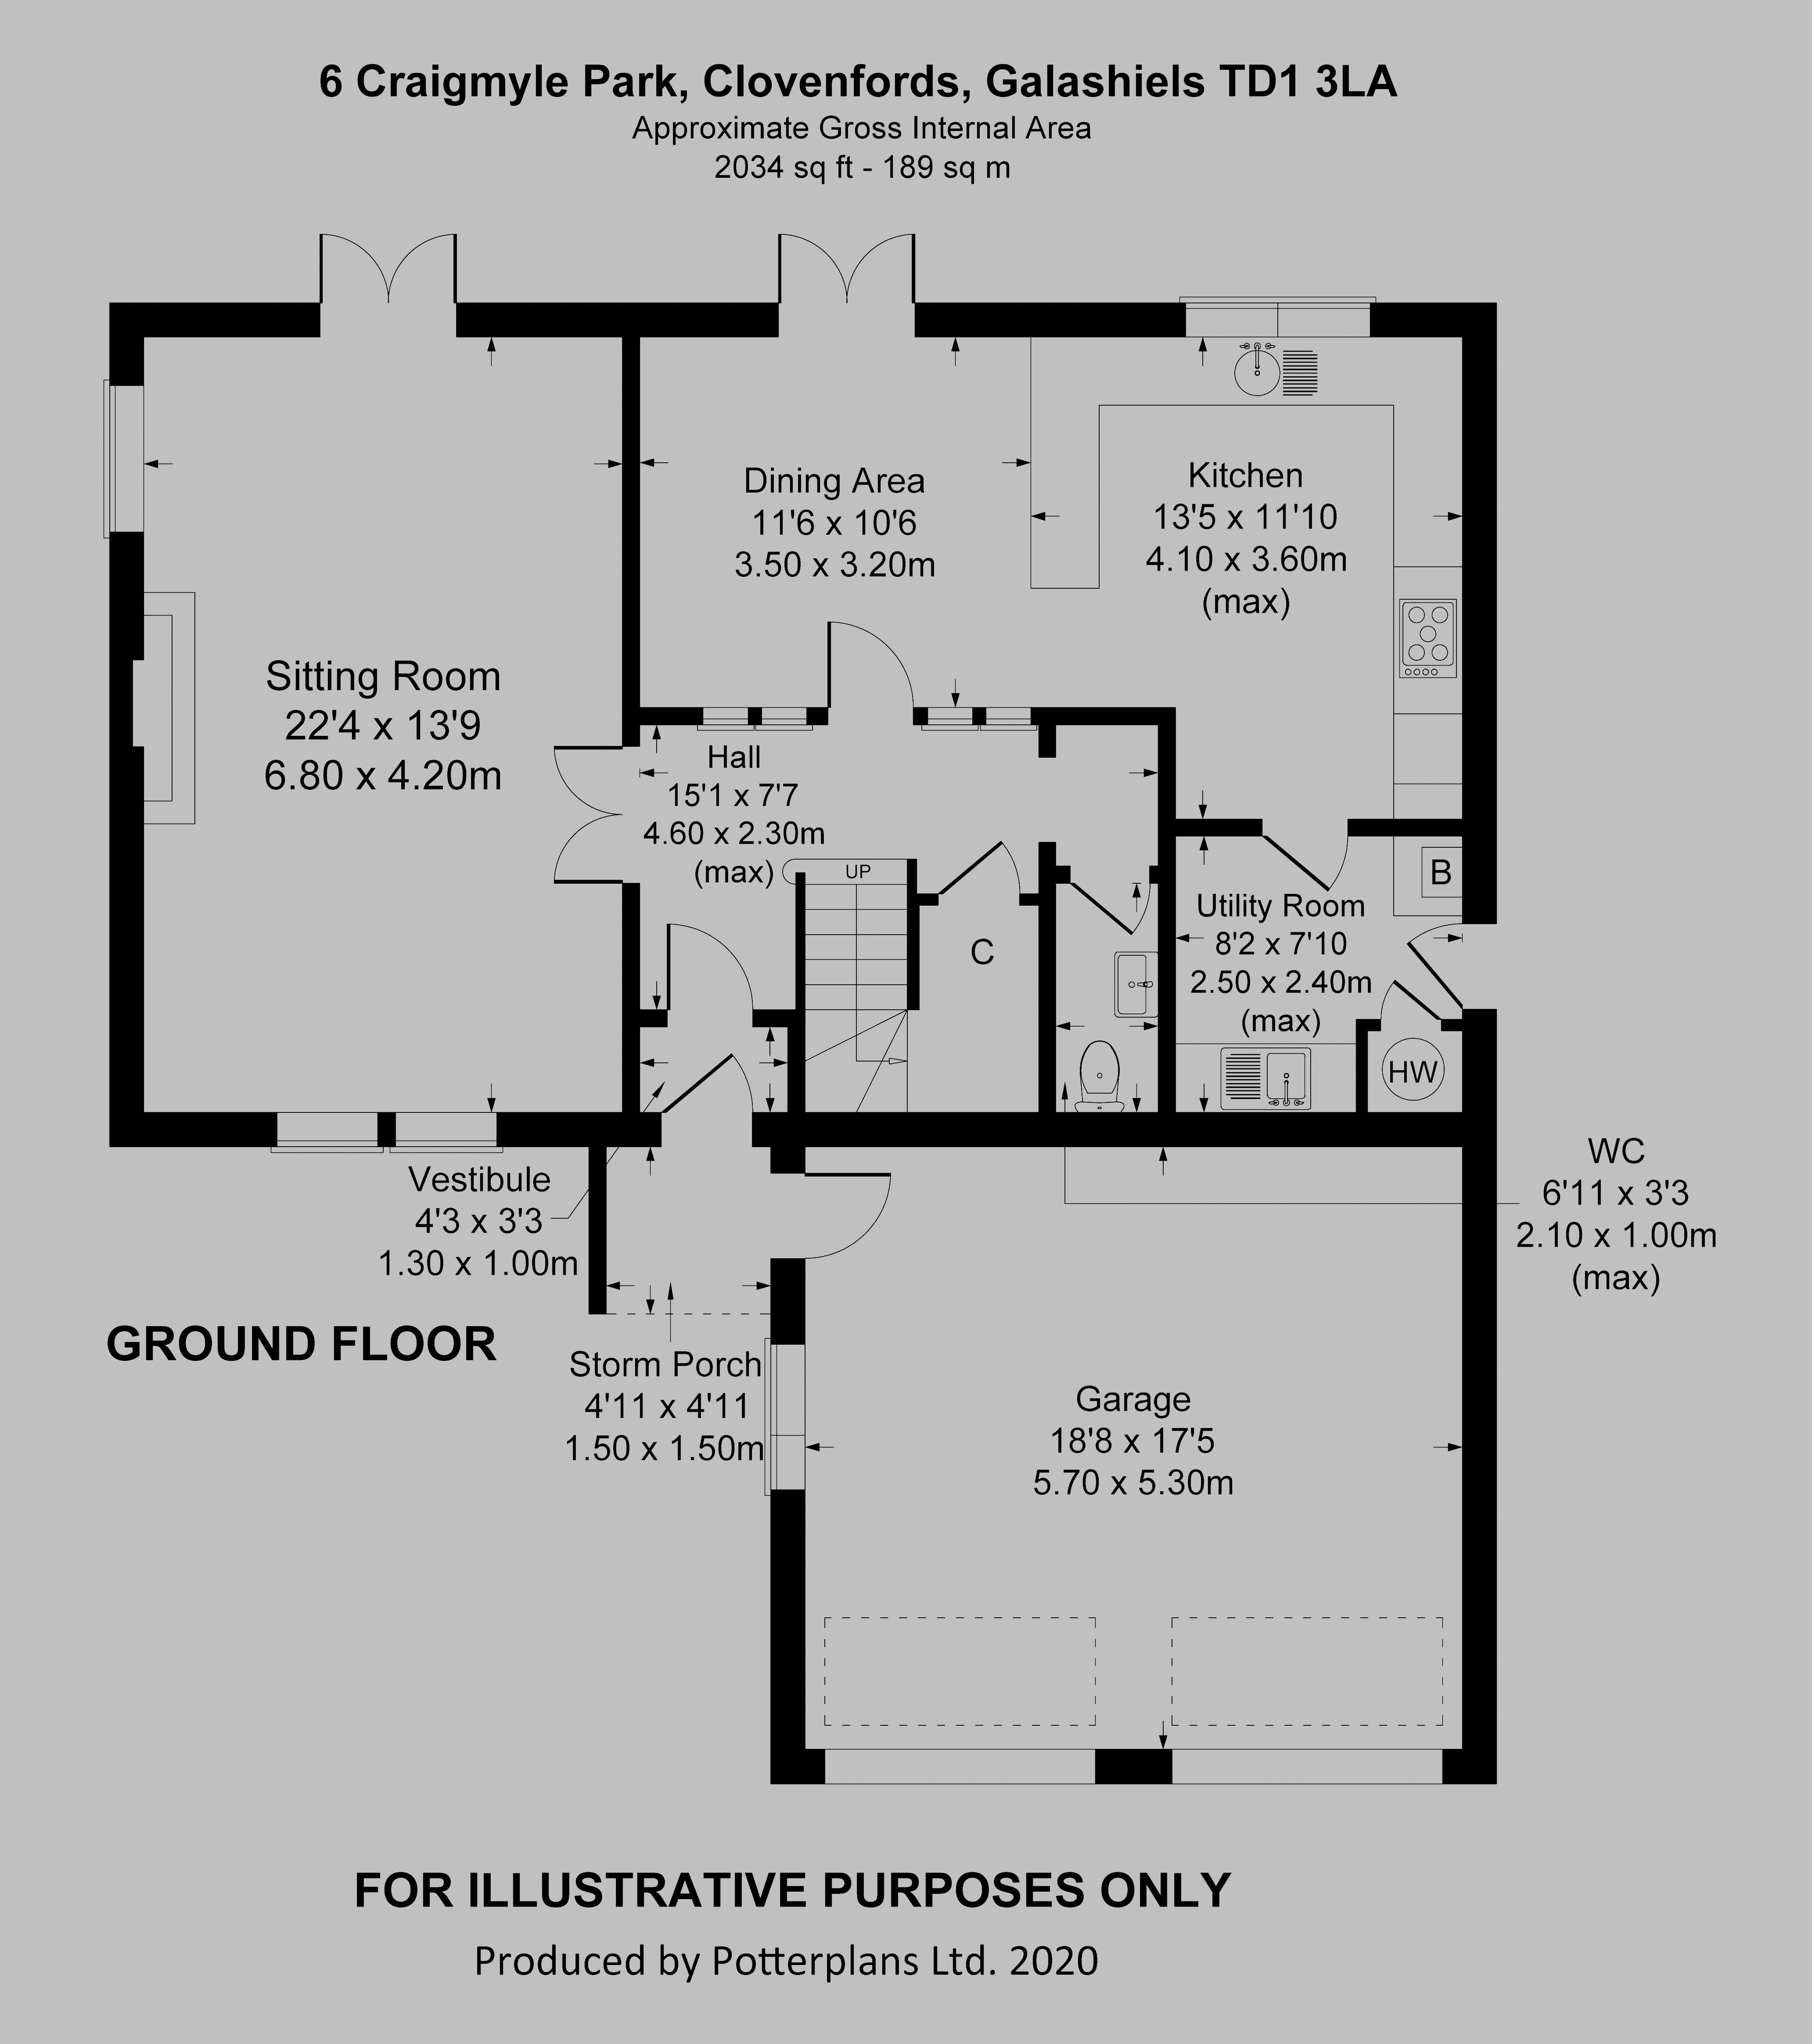 6 Craigmyle Park Ground Floor